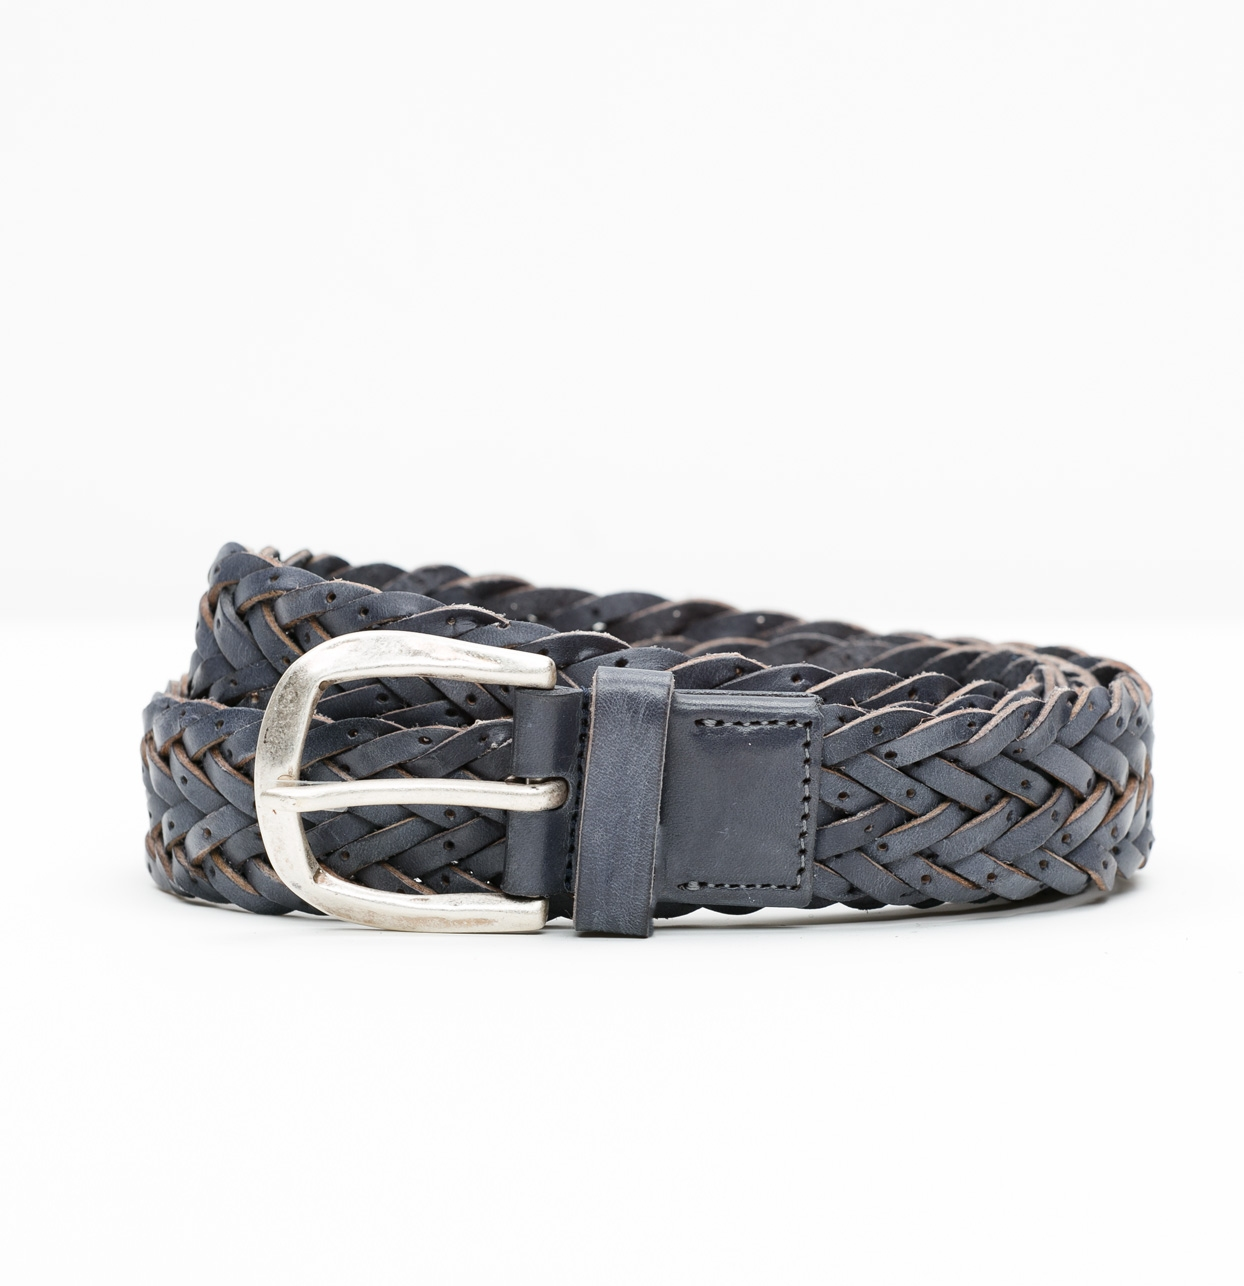 Cinturón Sport piel trenzada color gris, 100% piel.